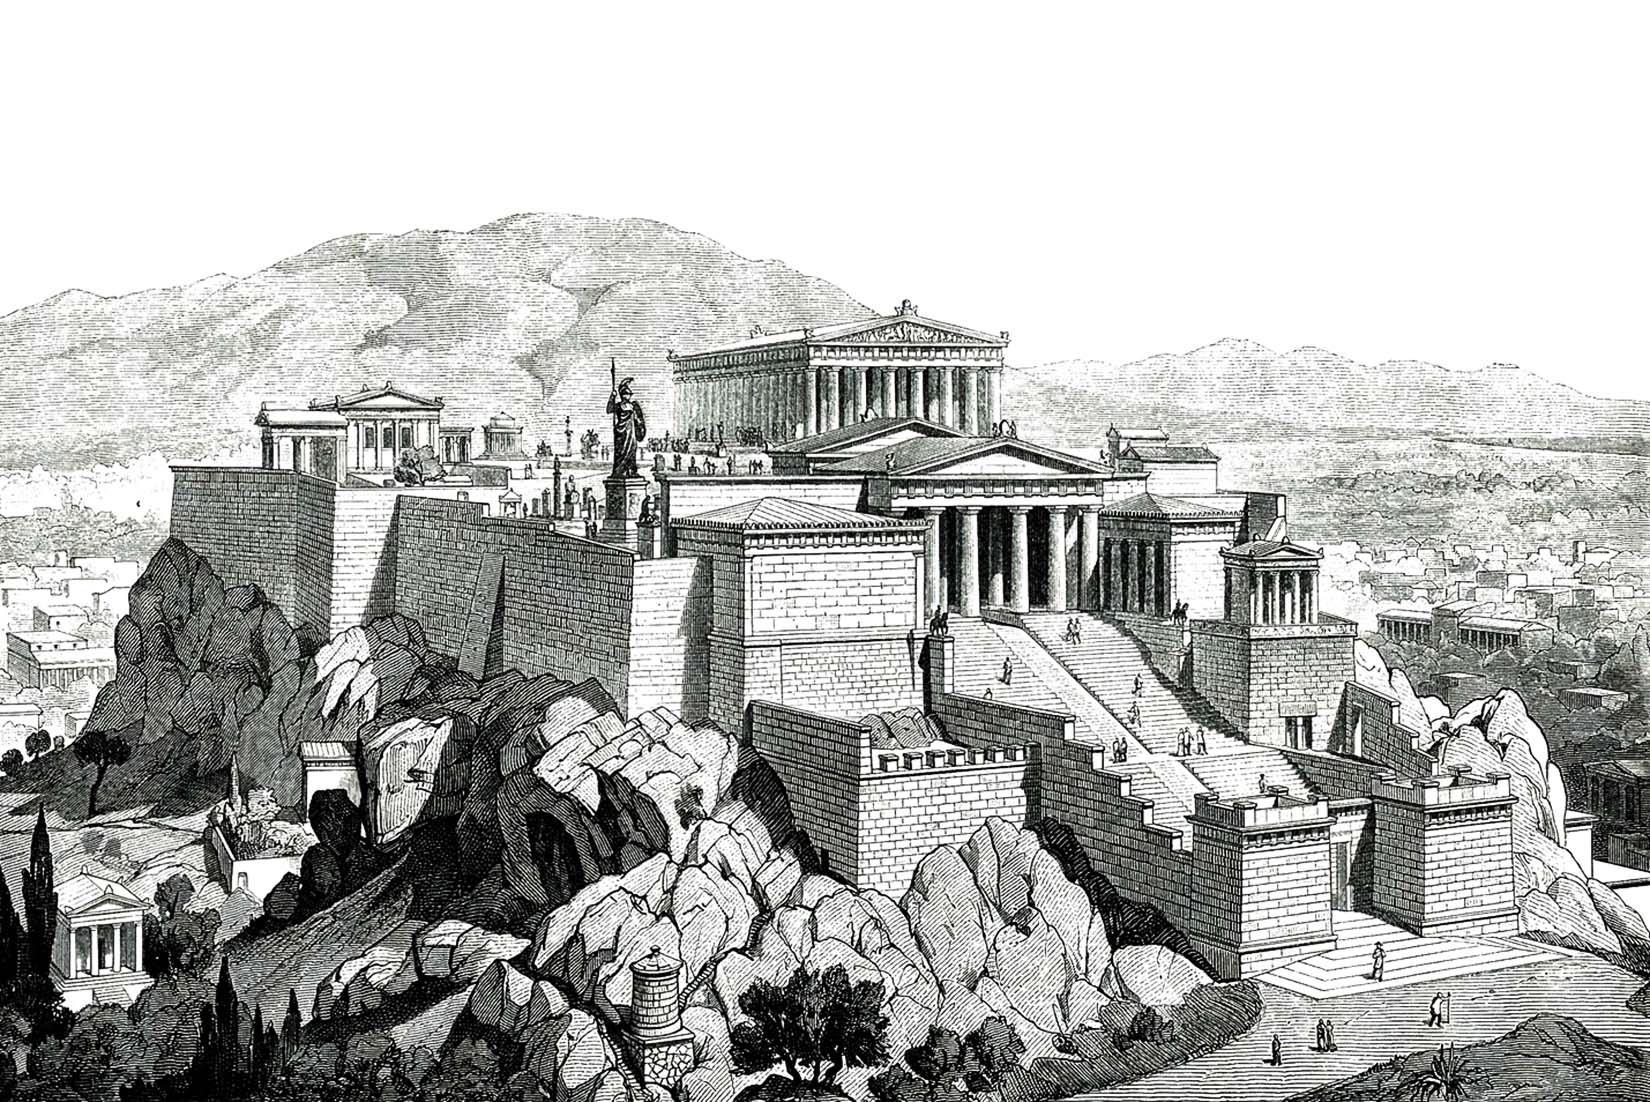 Η Ακρόπολη της Αθήνας, όπως ήταν στην αρχαιότητα | Falke Jacob Von-1887